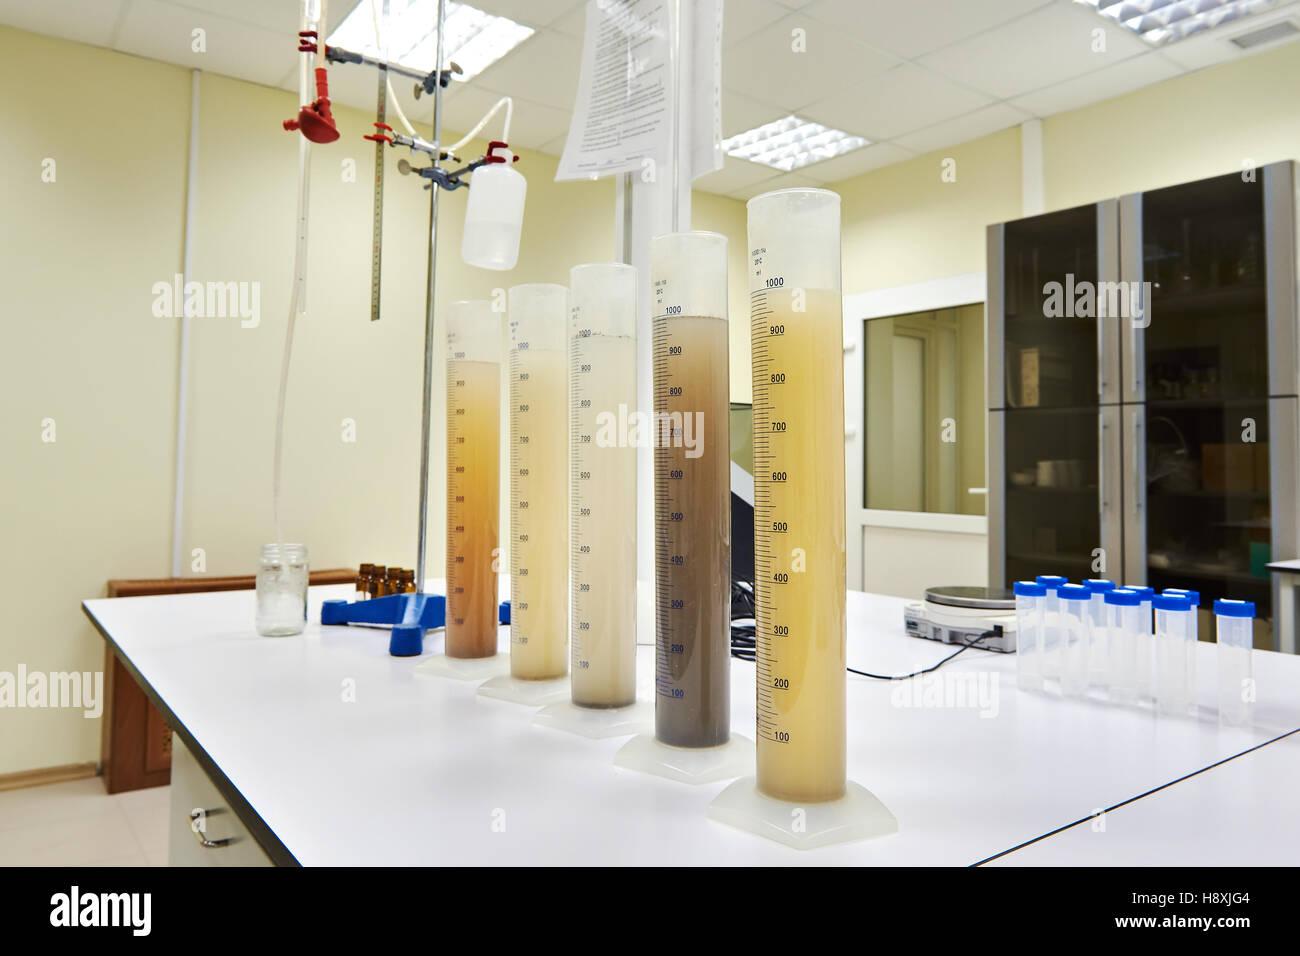 Medición de tubos de ensayo con líquidos de diferentes experiencias Foto de stock